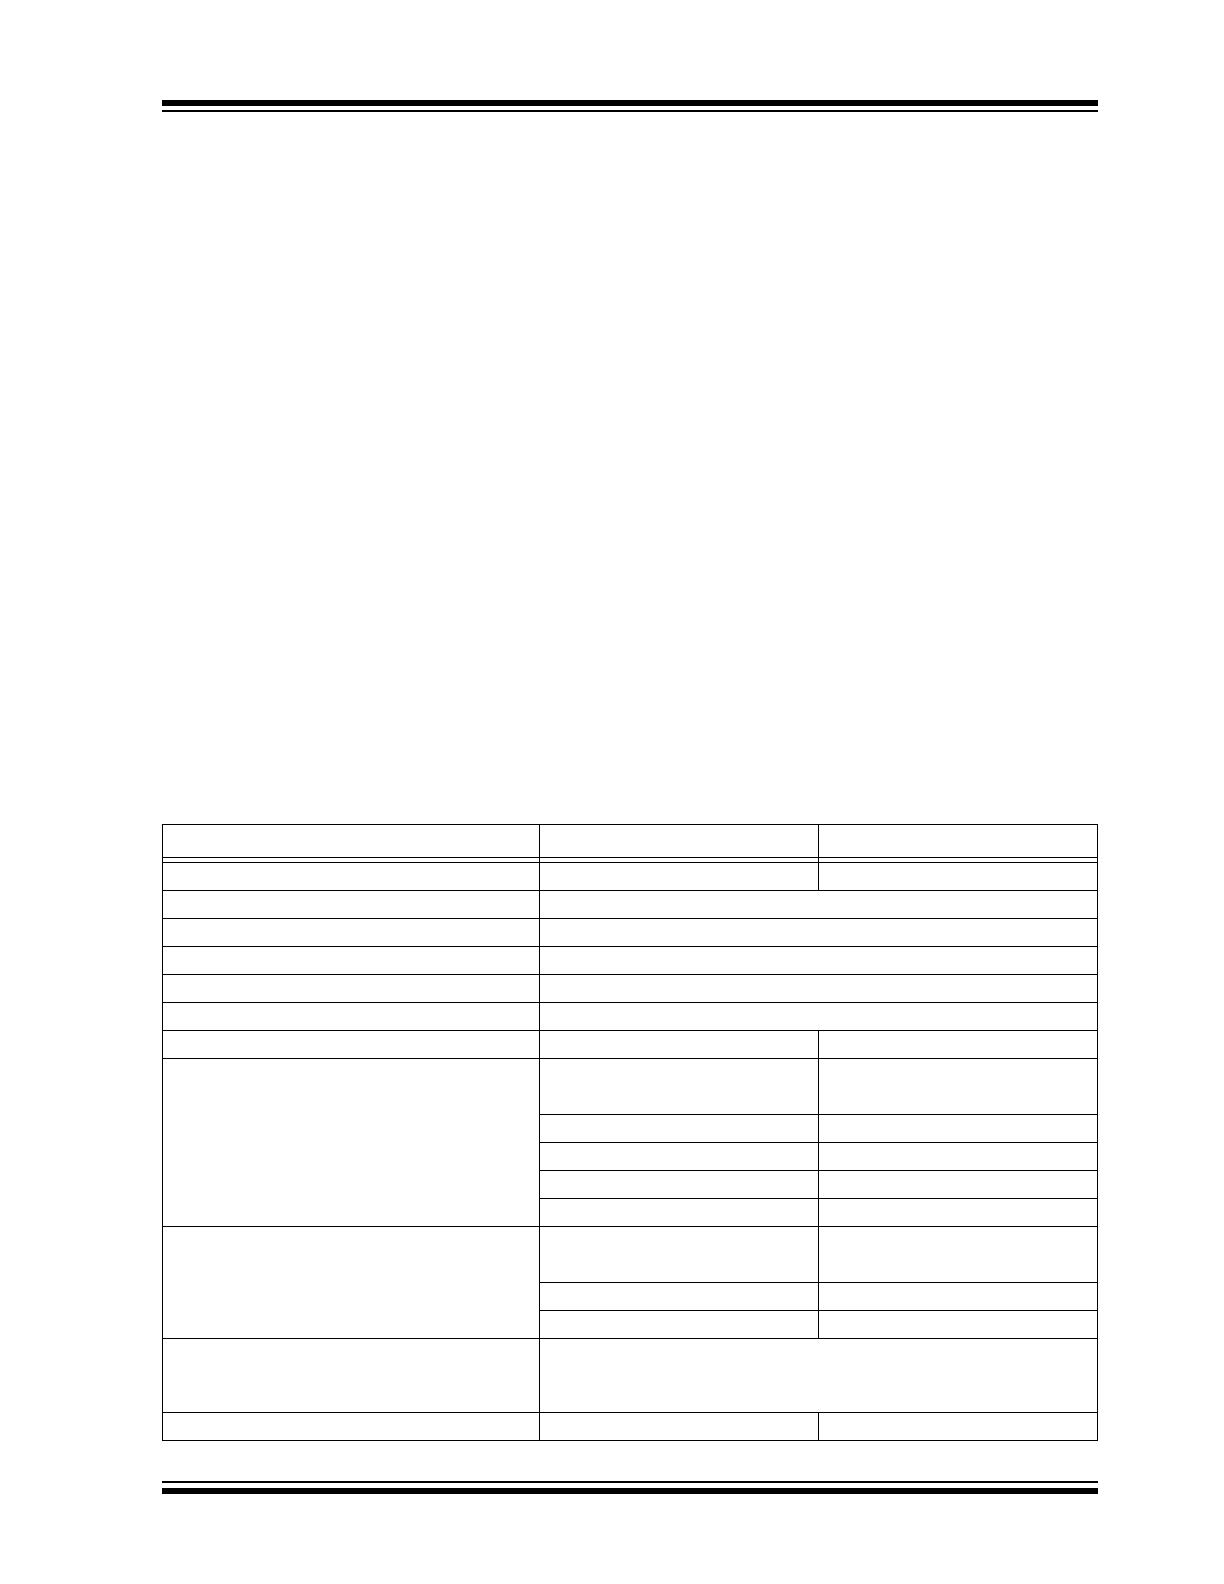 ENC424J600/624J600 Data Sheet   Datasheet Lookup